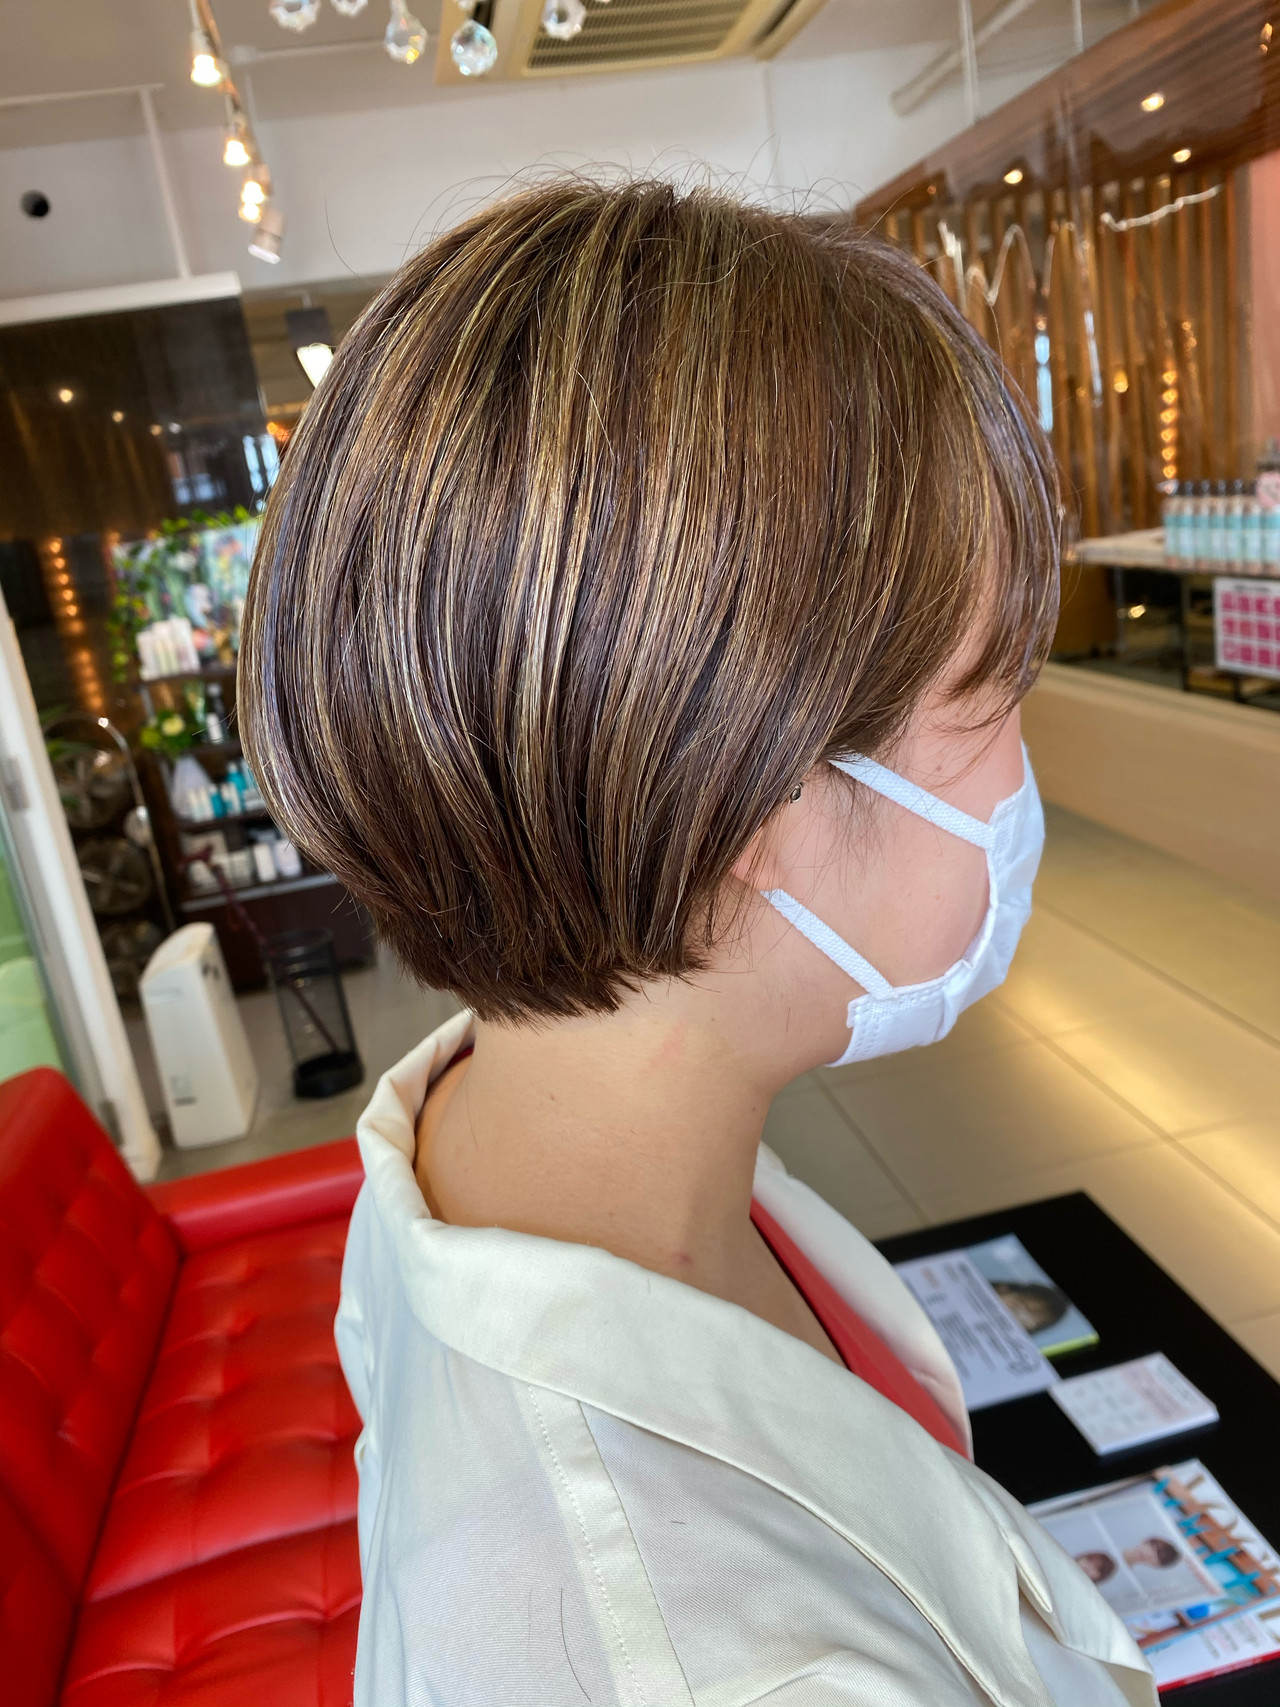 ハンサムショート ハイライト ショートヘア ショート ヘアスタイルや髪型の写真・画像 | 今野 誠也 / グロウ